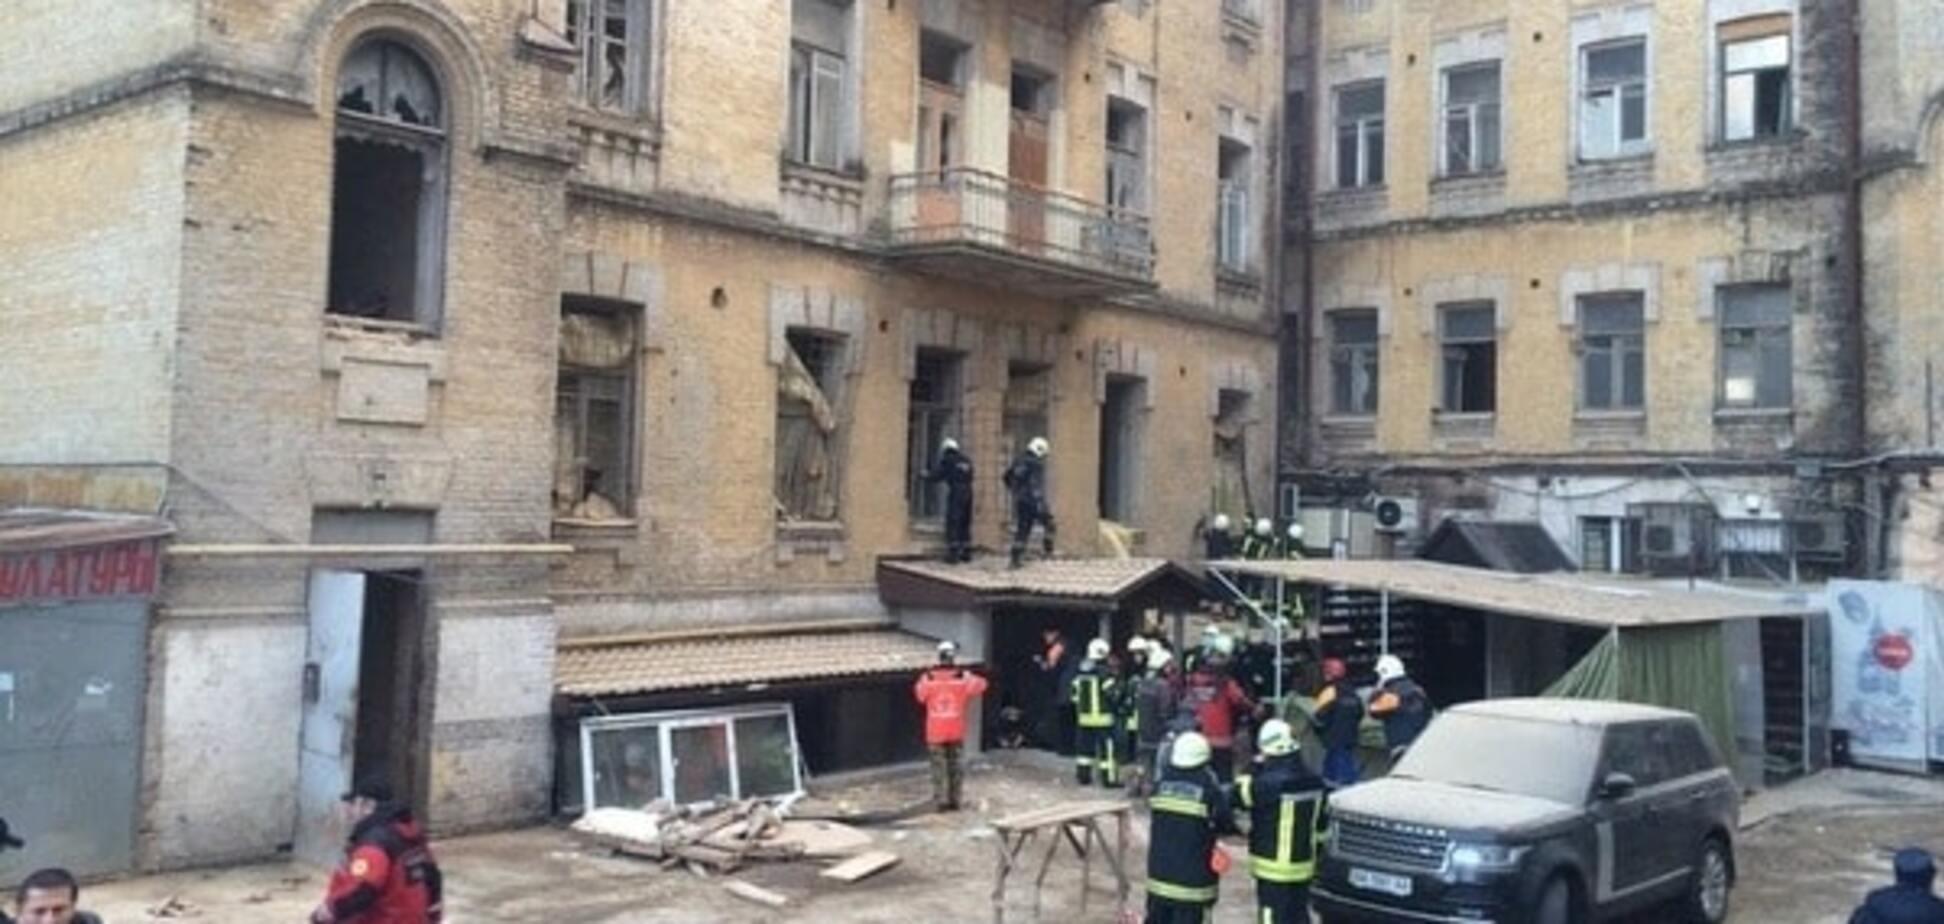 Обвалення будинку в Києві: засновником компанії-порушника виявився колишній регіонал